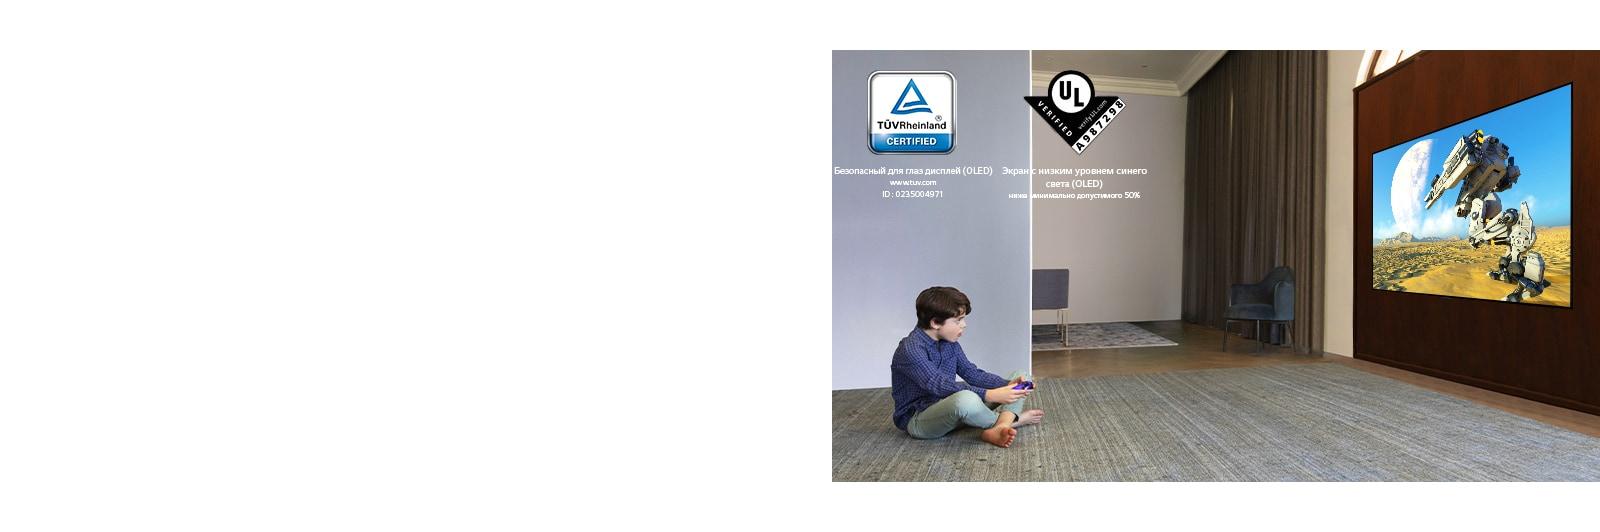 Ребенок лежит на полу, держит в руках джойстик и играет в игру на экране телевизора